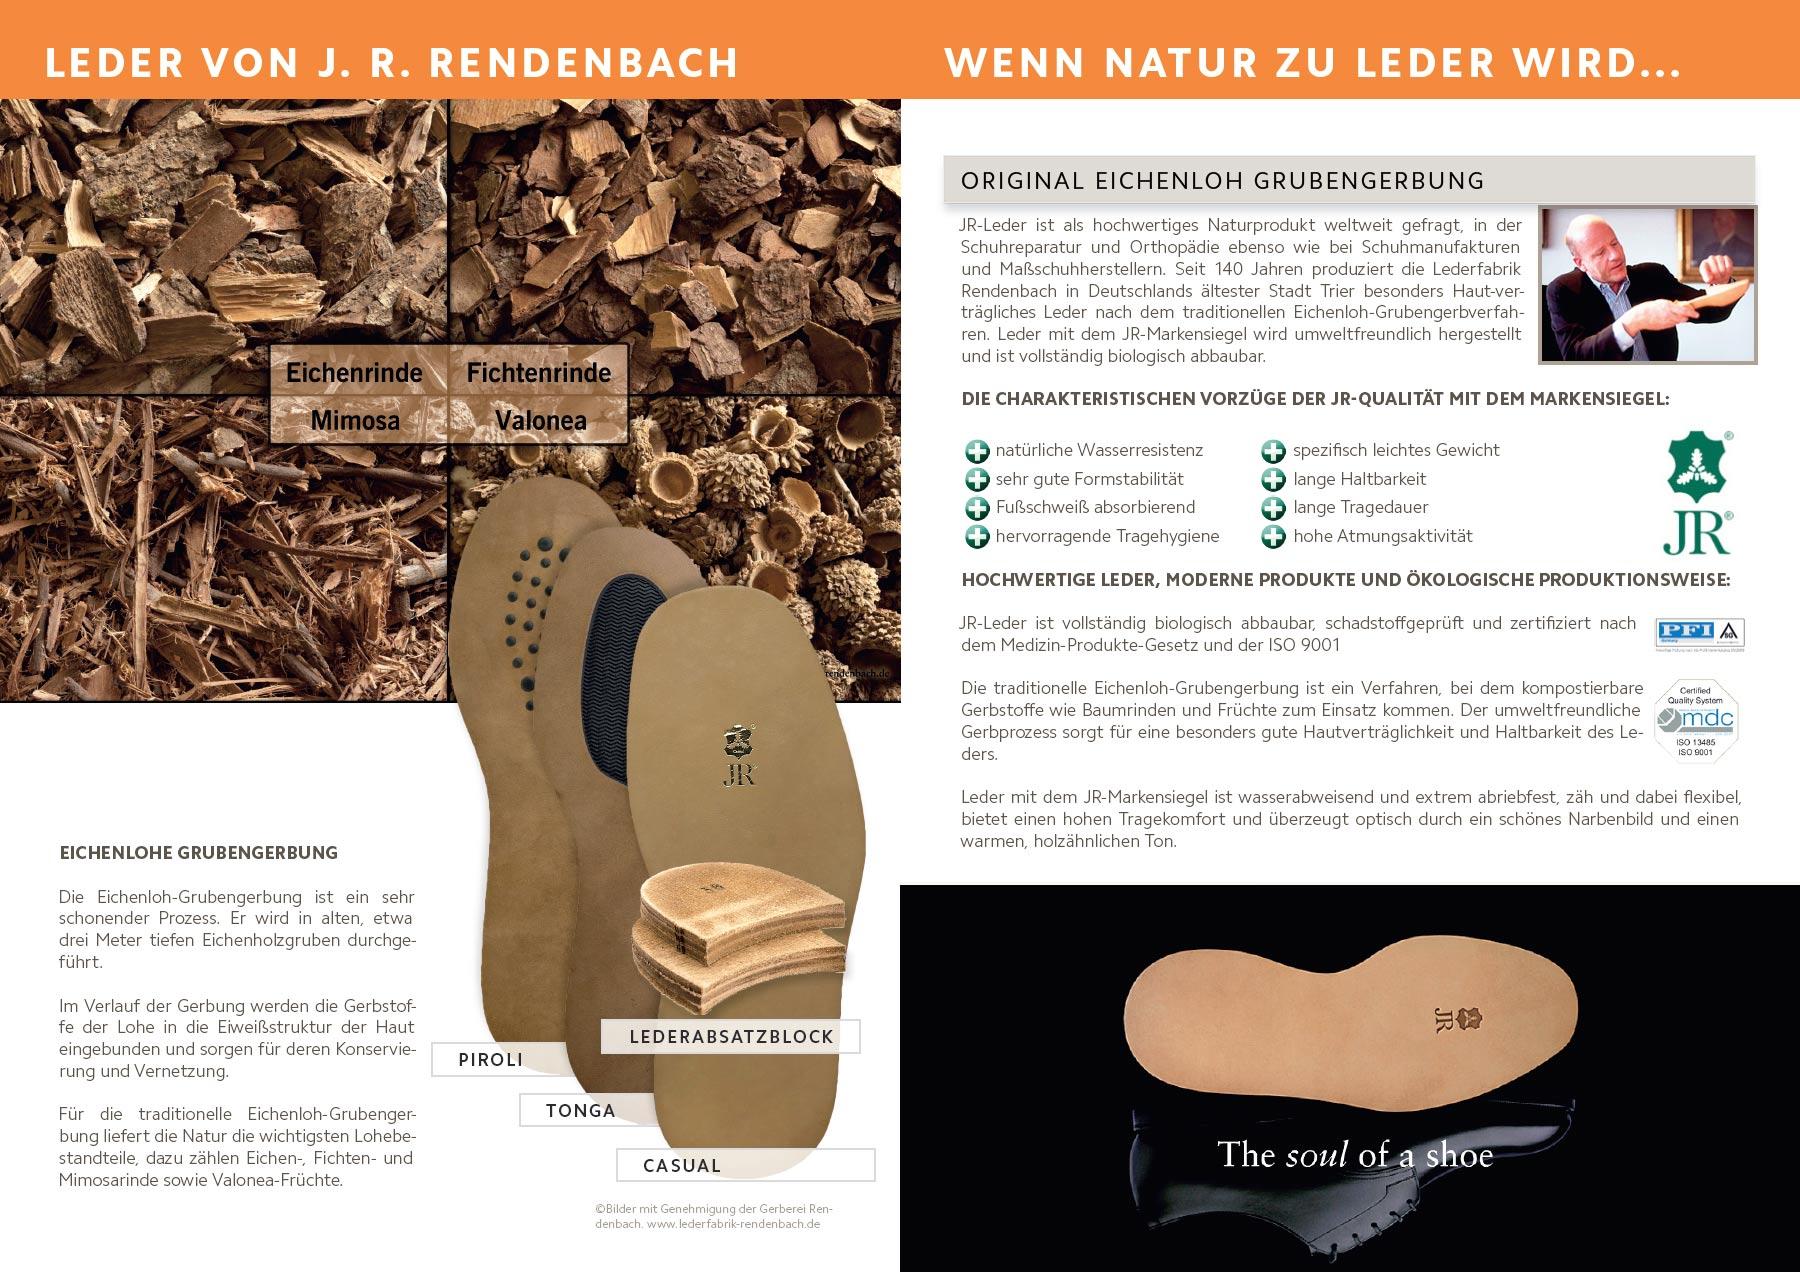 JR-Leder ist vollständig biologisch abbaubar, schadstoffgeprüft und zertifiziert nach dem Medizin-Produkte-Gesetz und der ISO 9001. Mit kompostierbaren Gerbstoffen wie Baumrinden und Früchten.